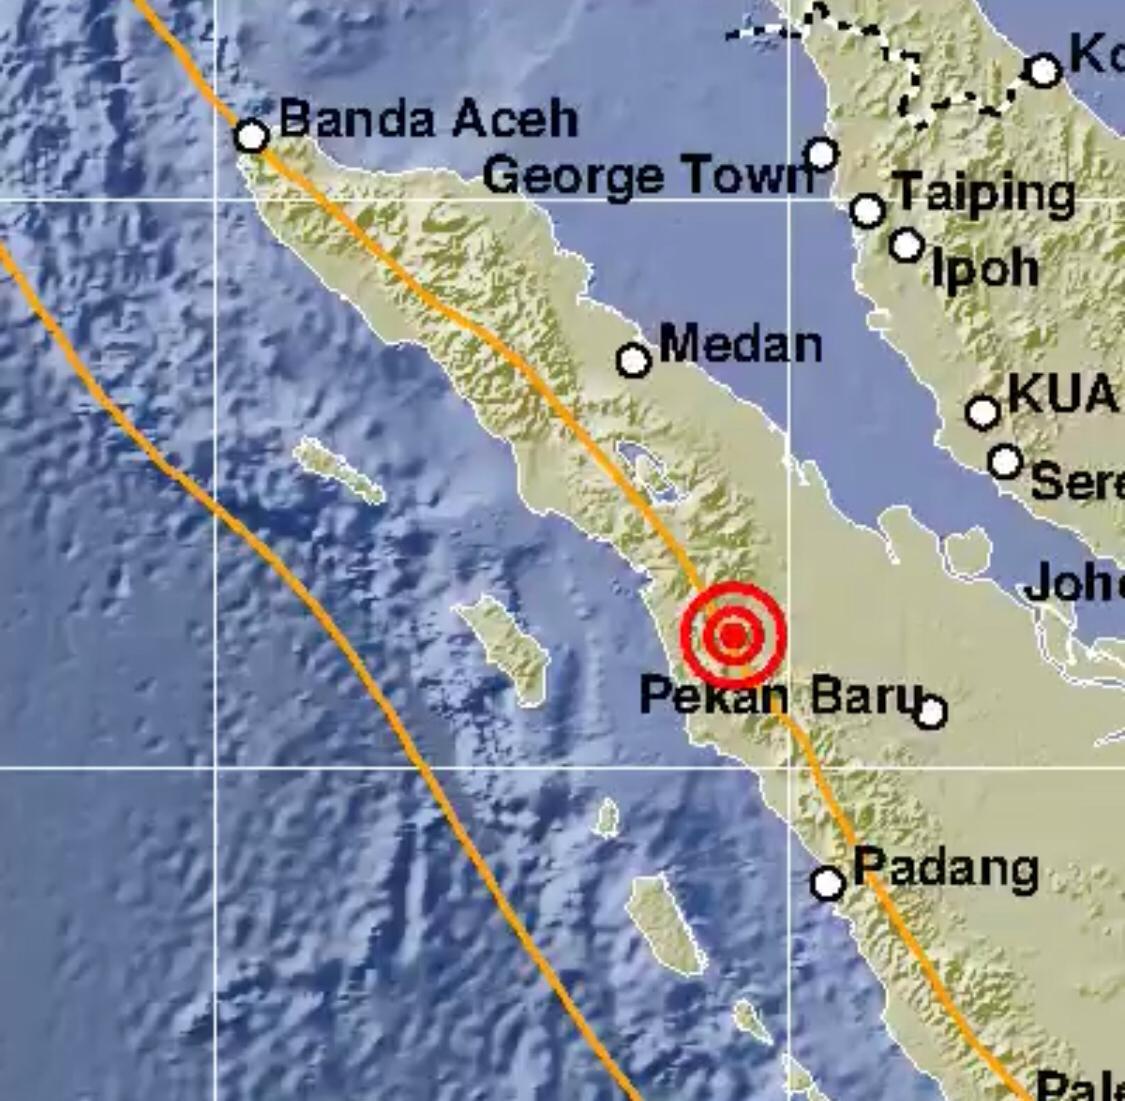 Gempa 5,6 SR Padang Lawas, Warga Pekanbaru Rasakan Gedung dan Kaca Bergoyang